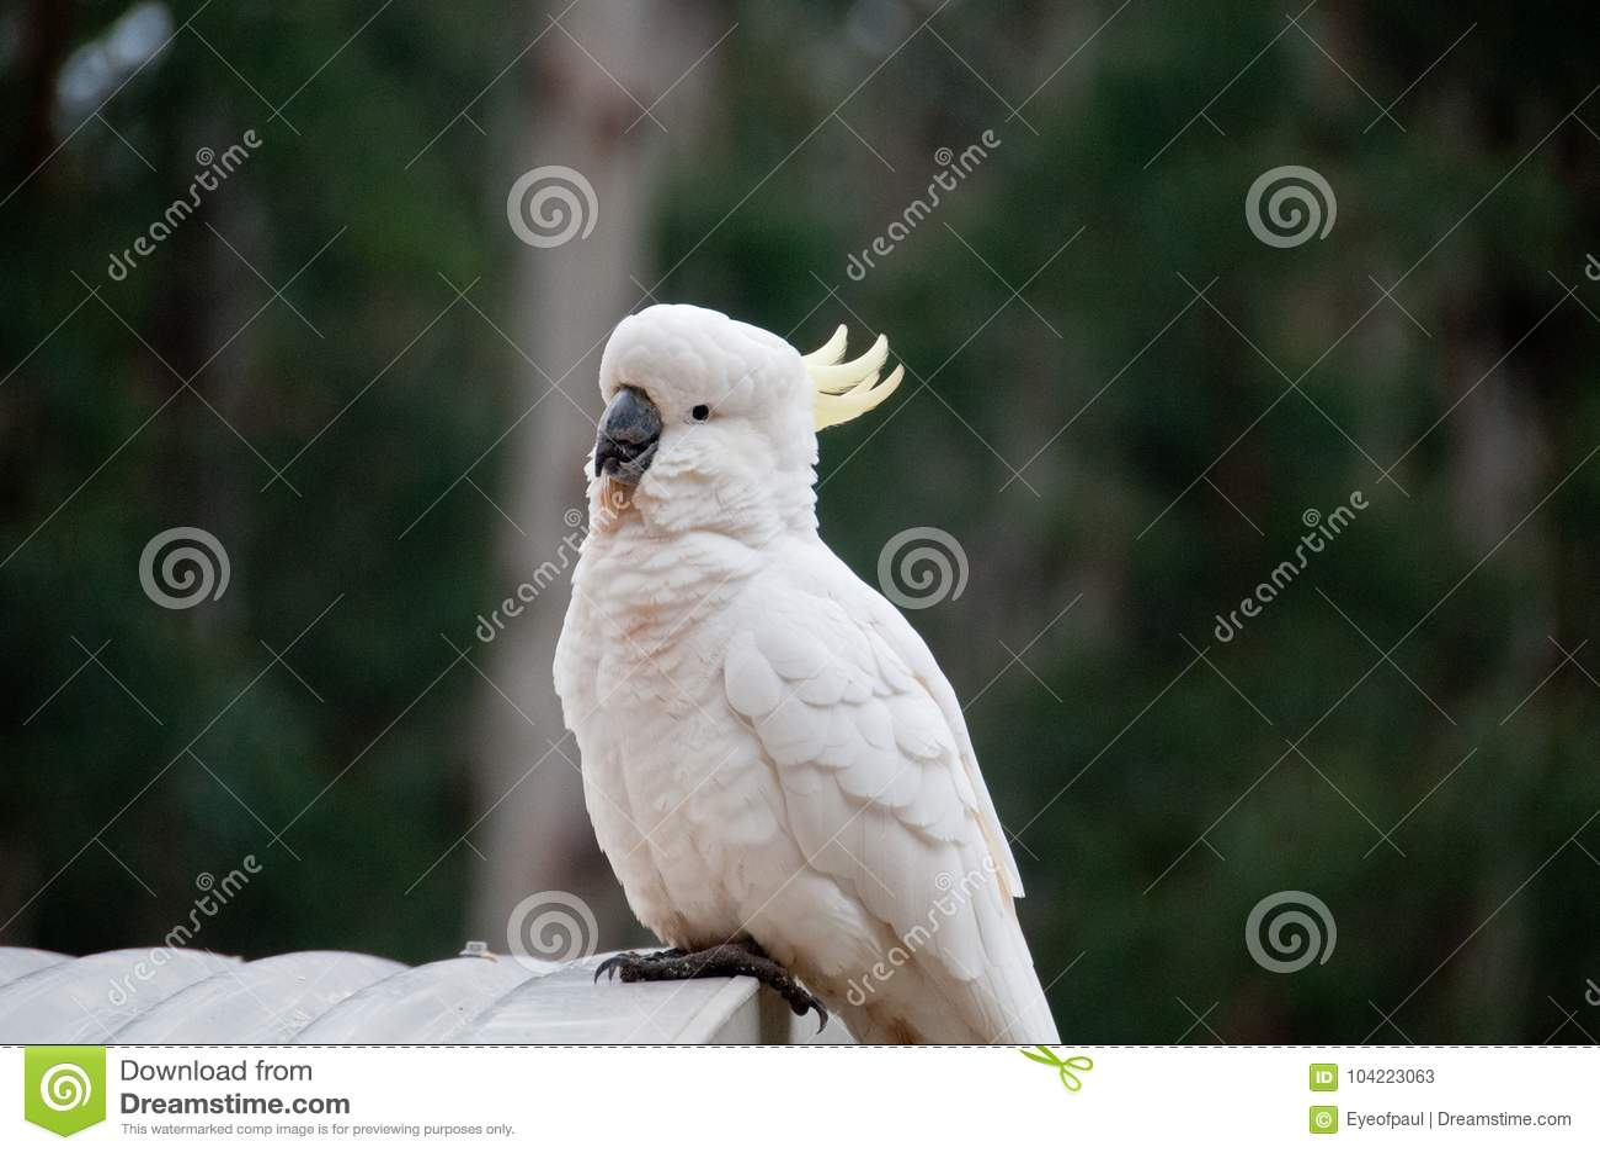 Άνθρωπος με μεγάλο πουλί